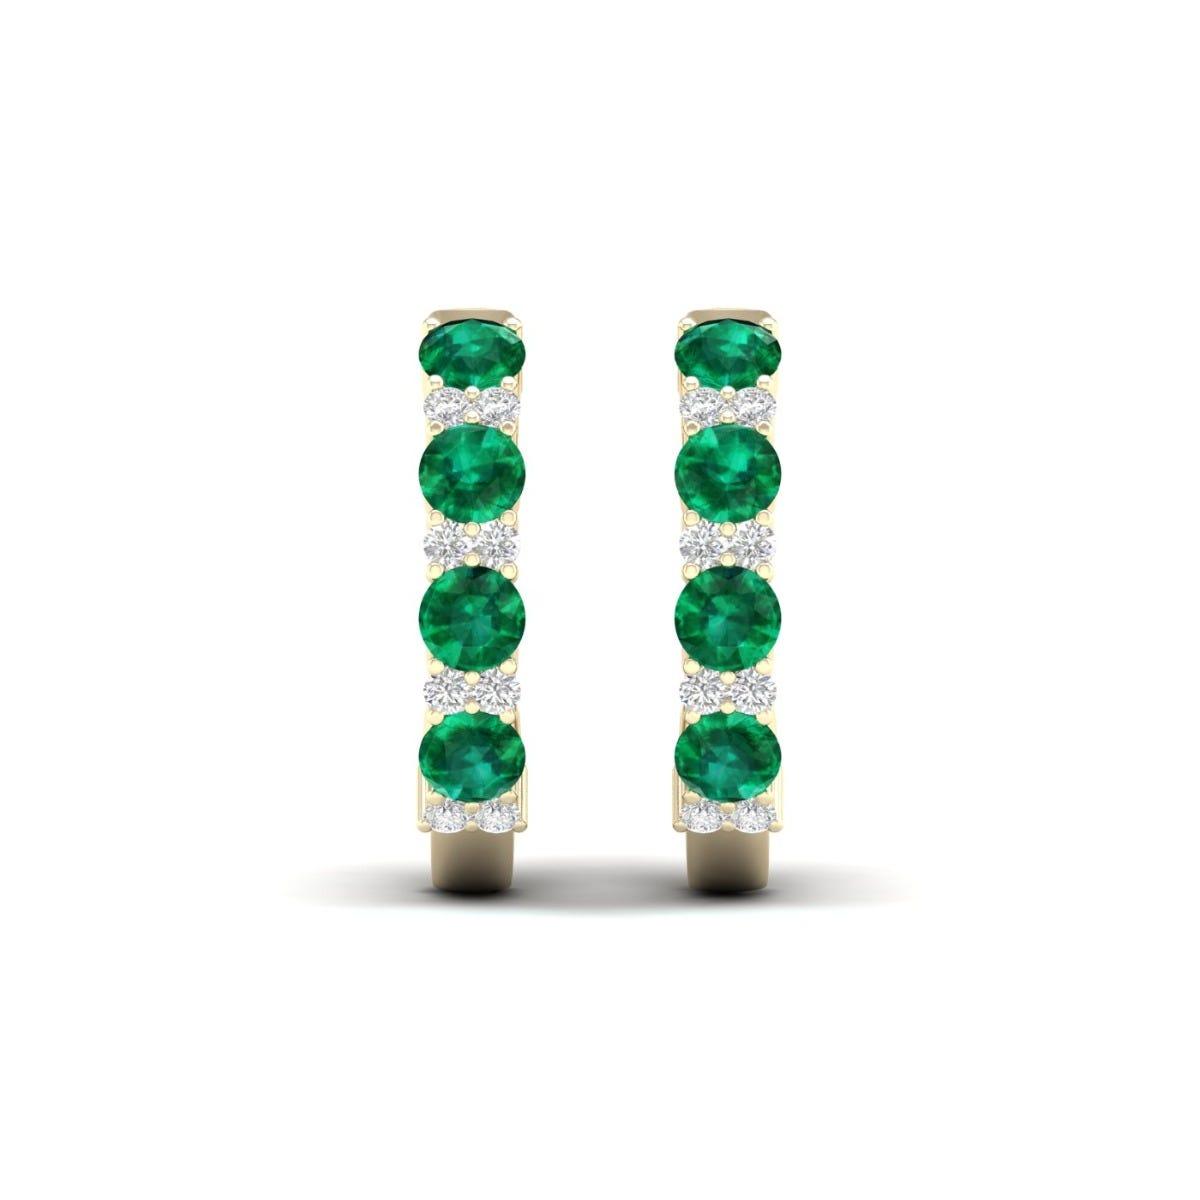 Emerald & Diamond Hoop Earrings in 10k Yellow Gold